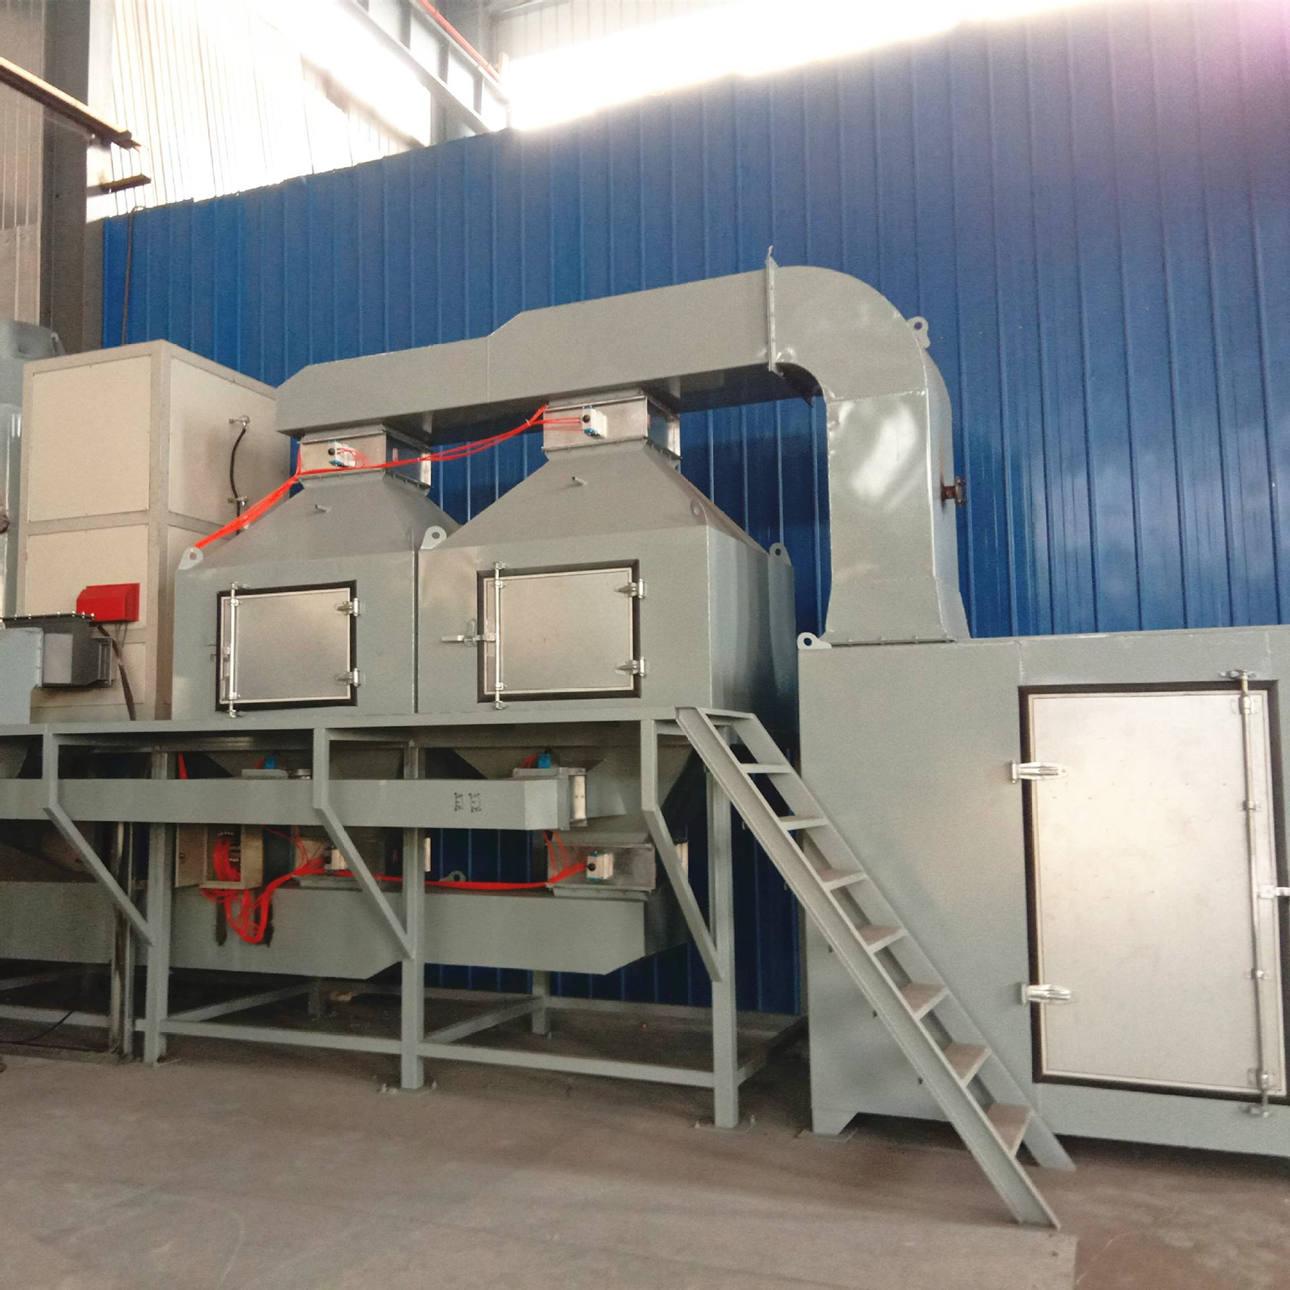 山东省莱芜市打磨车间废气处理治理方法、方式有哪些